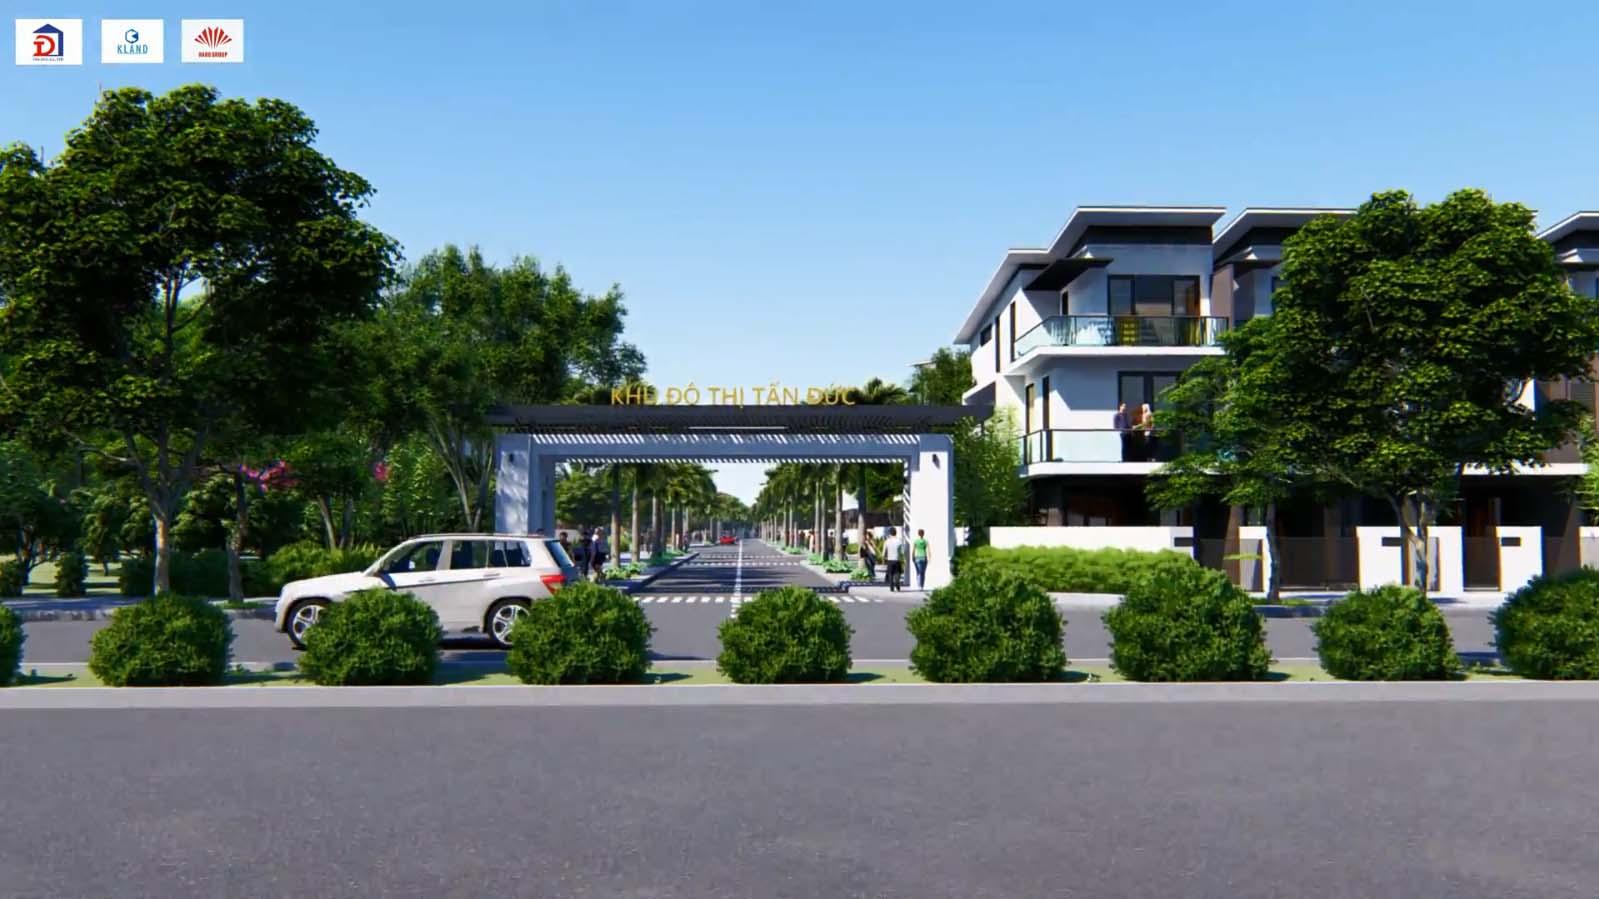 Mở bán khu đô thị Tấn Đức Phổ Yên, Thái Nguyên